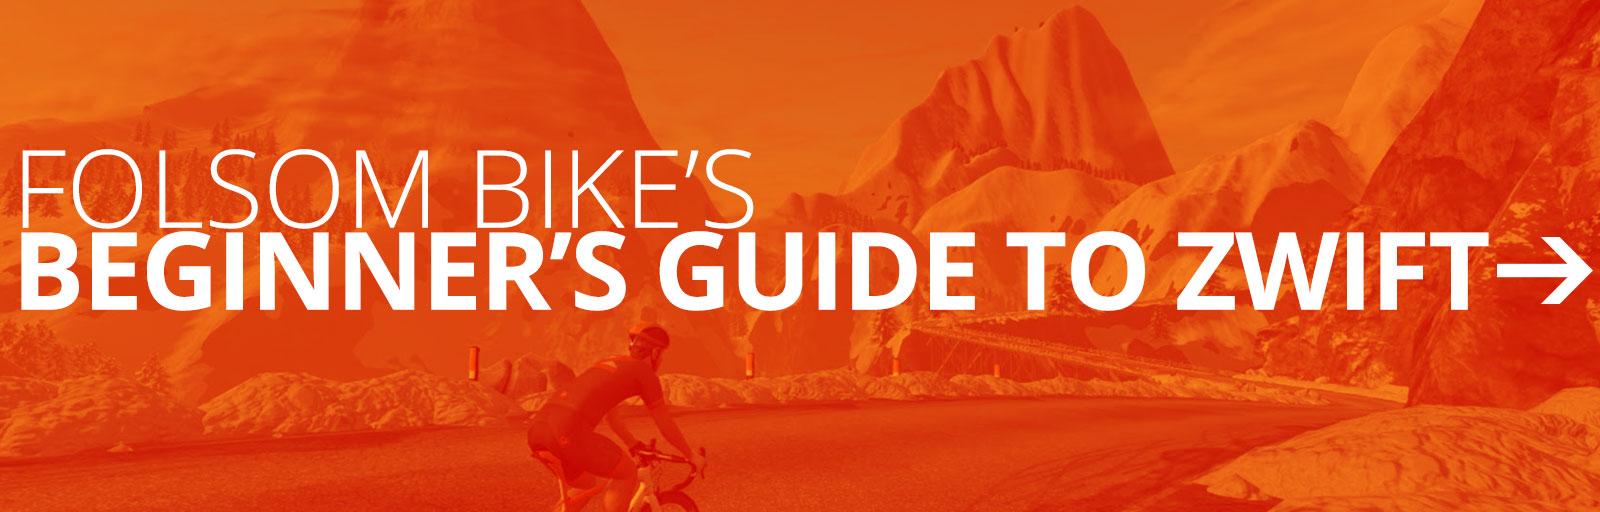 Beginner's Guide to Zwift - Folsom Bike 2 Great Bike Shops